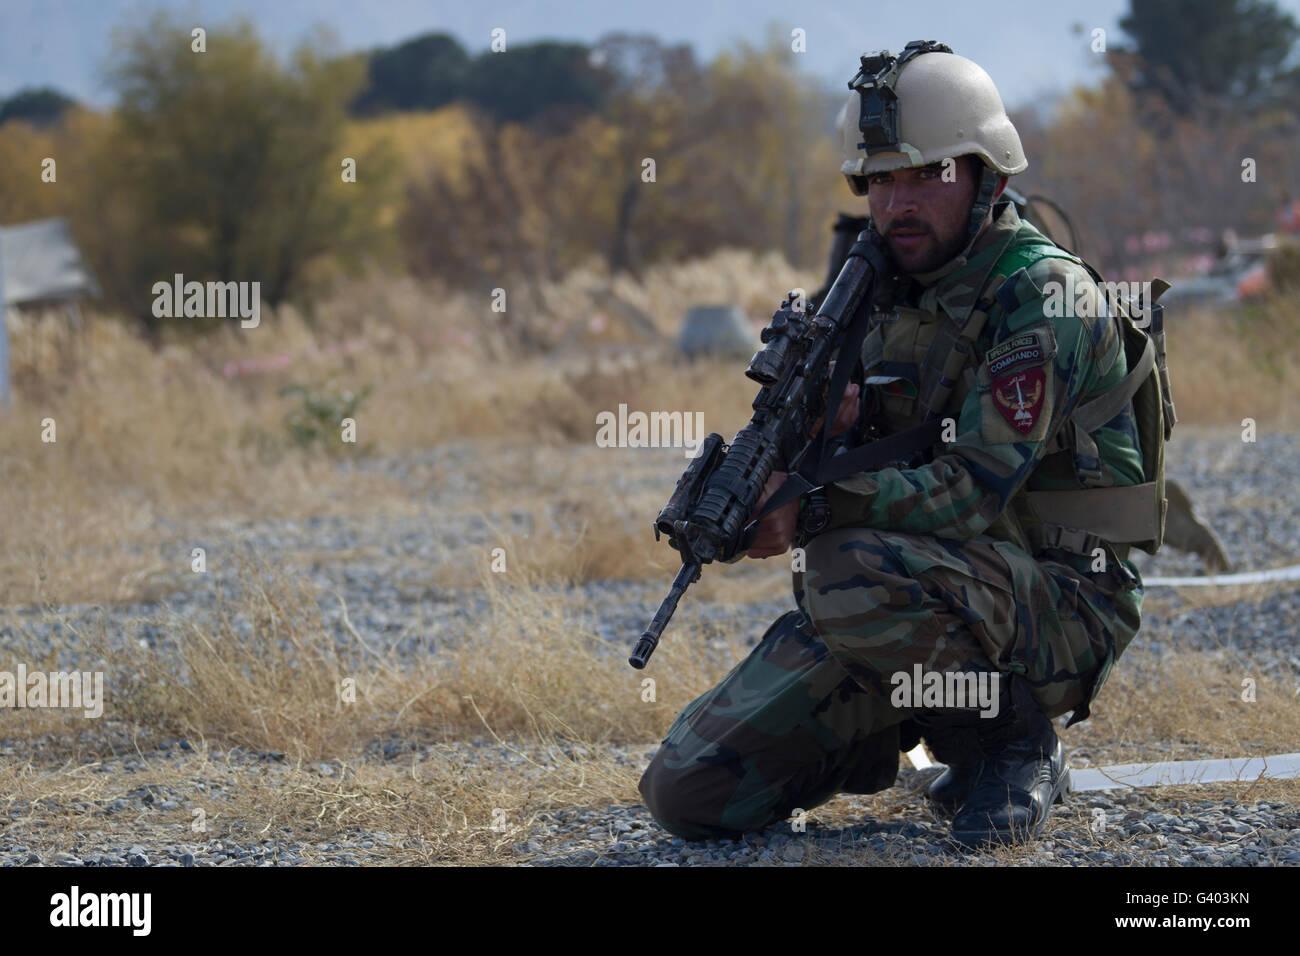 N de Fuerzas Especiales del Ejército Nacional Afgano miembro. Foto de stock